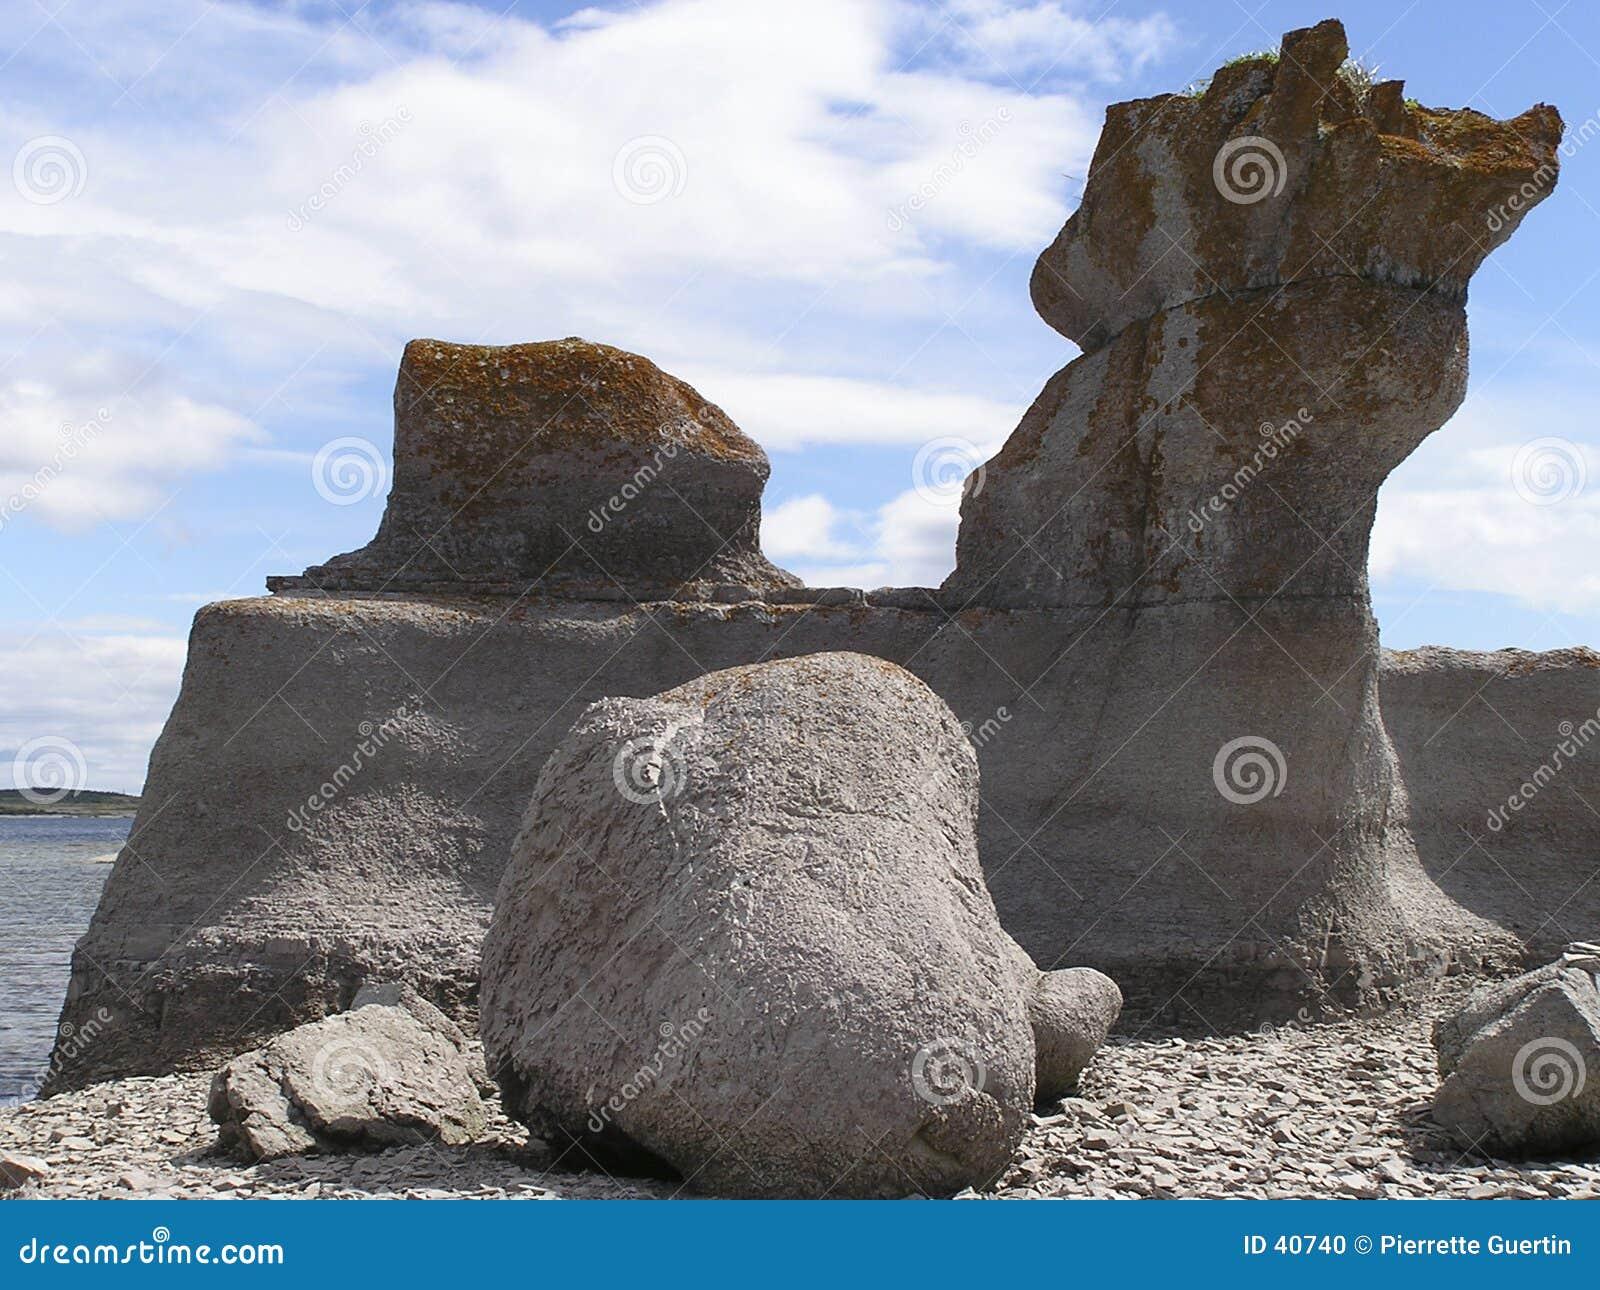 Piedras caidas del granito